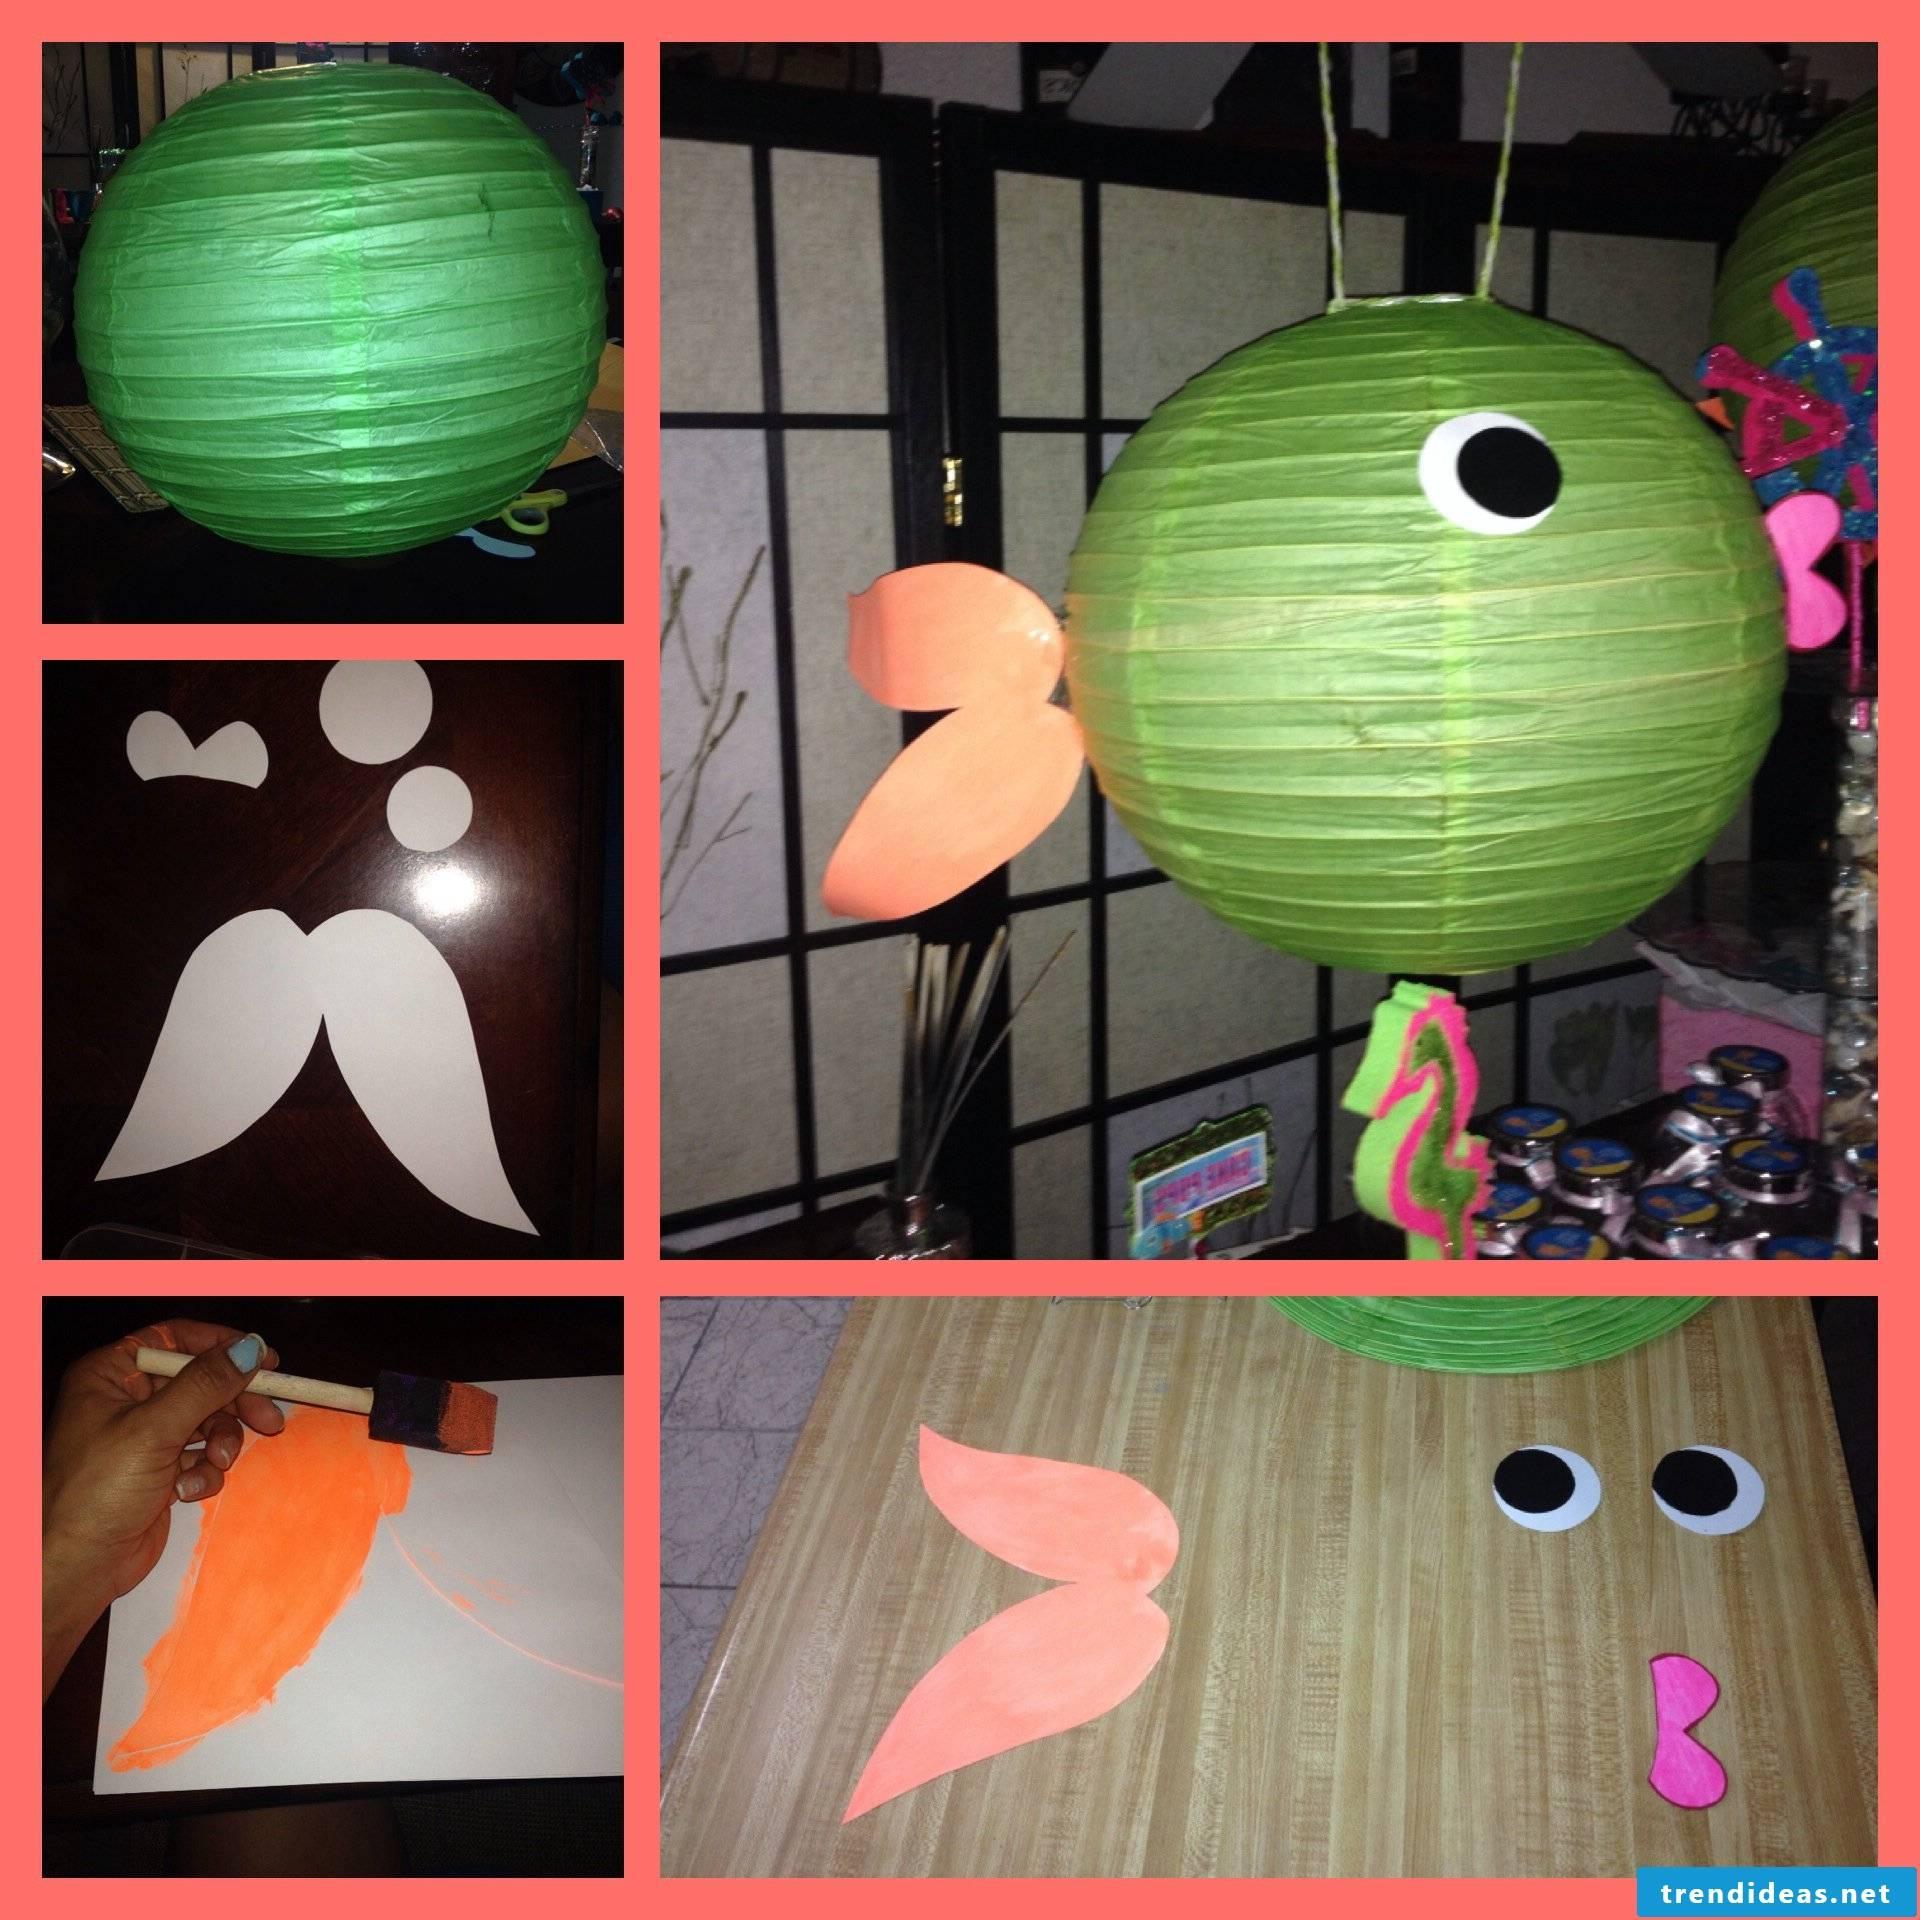 Make fish lantern